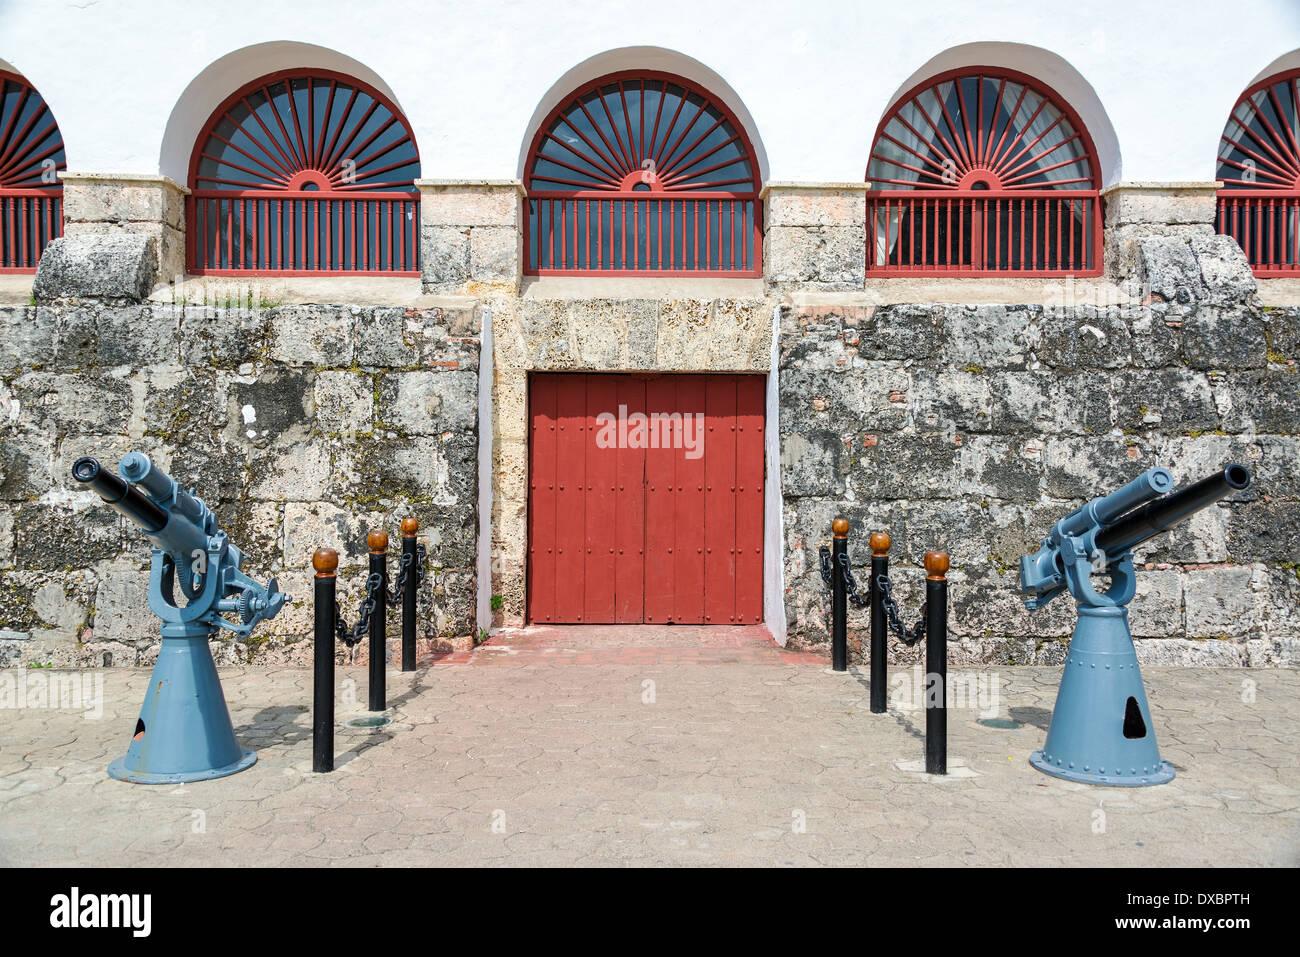 Edificio in stile coloniale di Cartagena, Colombia con due pistole di grandi dimensioni nella parte anteriore di esso Immagini Stock